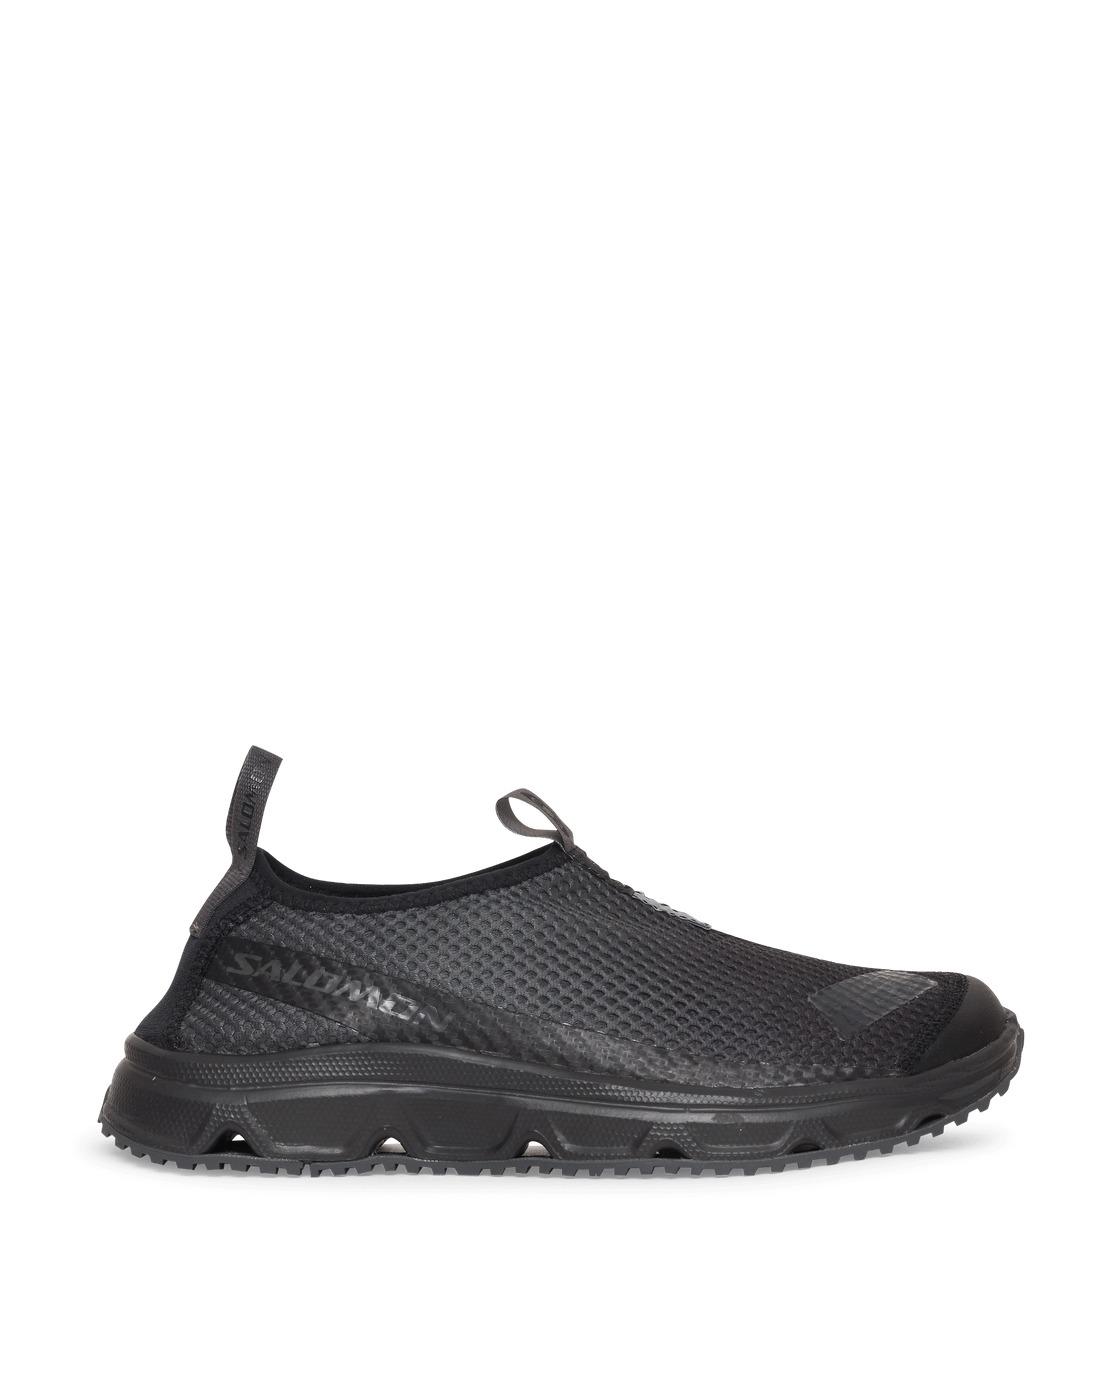 Photo: Salomon Rx Moc 3.0 Advanced Sneakers Black/Black